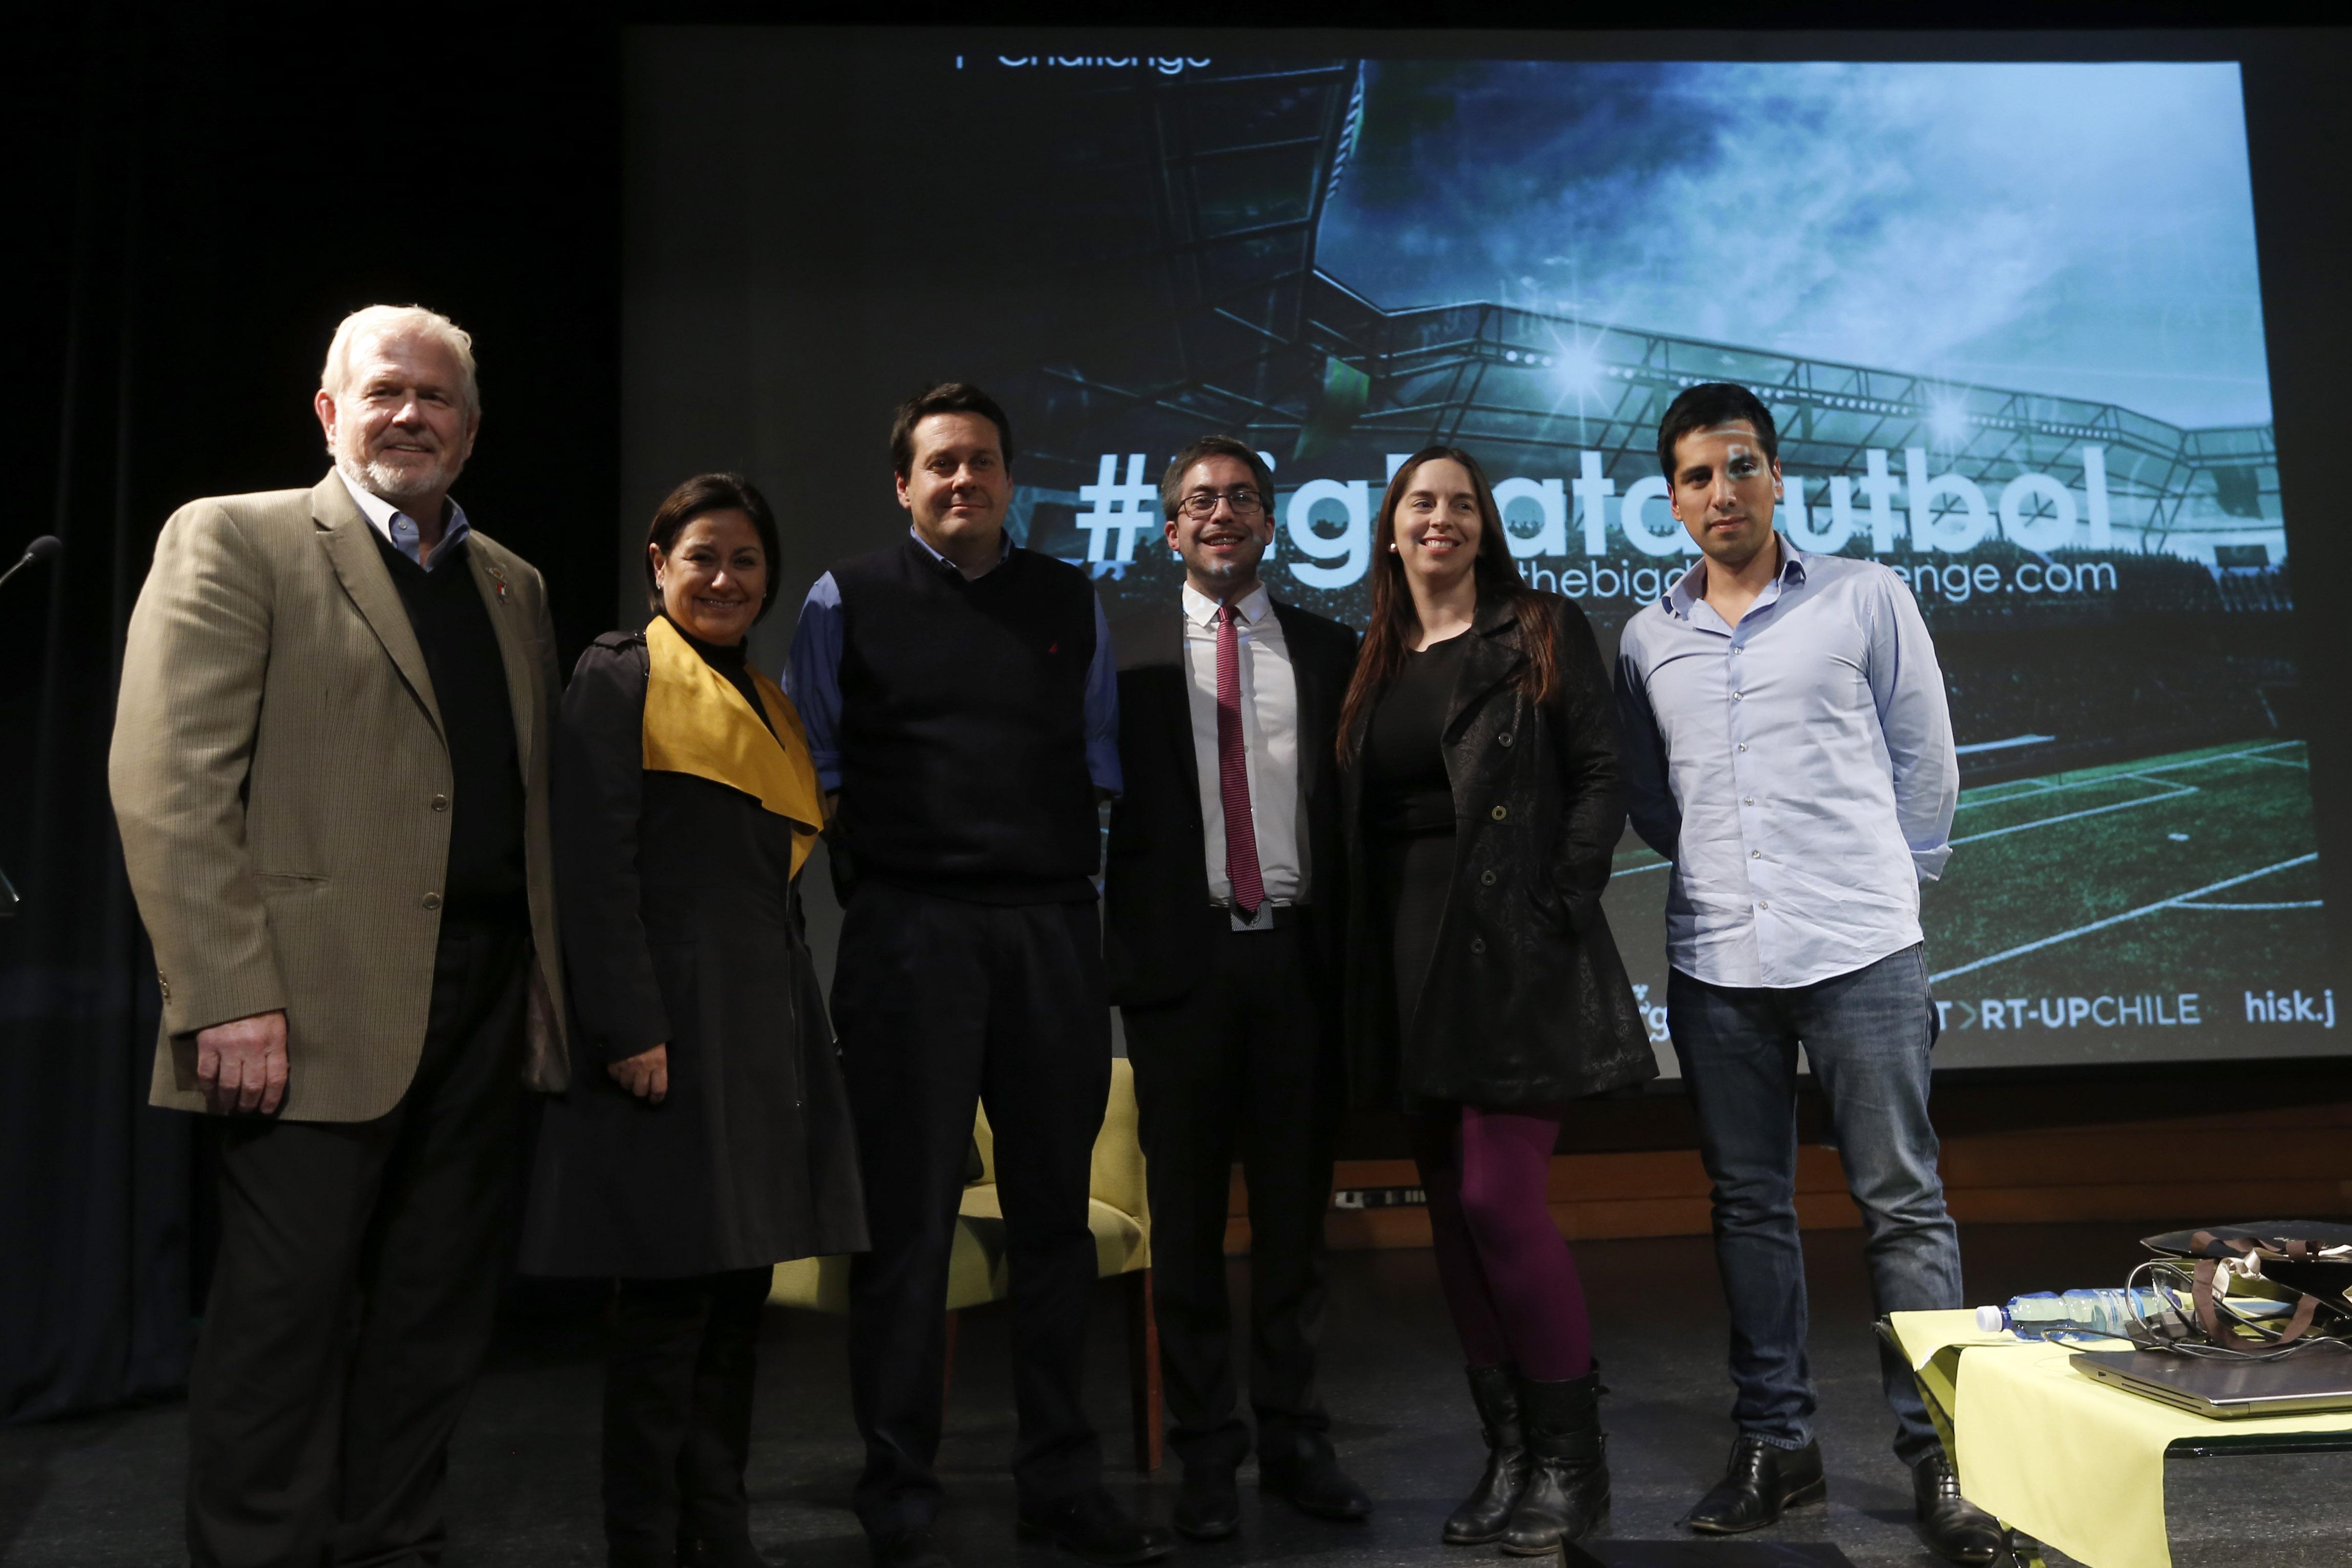 Phillip Berry, Angélica Alarcón, Alejandro Valdivia, Jorge Gómez, Loreto Bravo y Nicolás Benavides